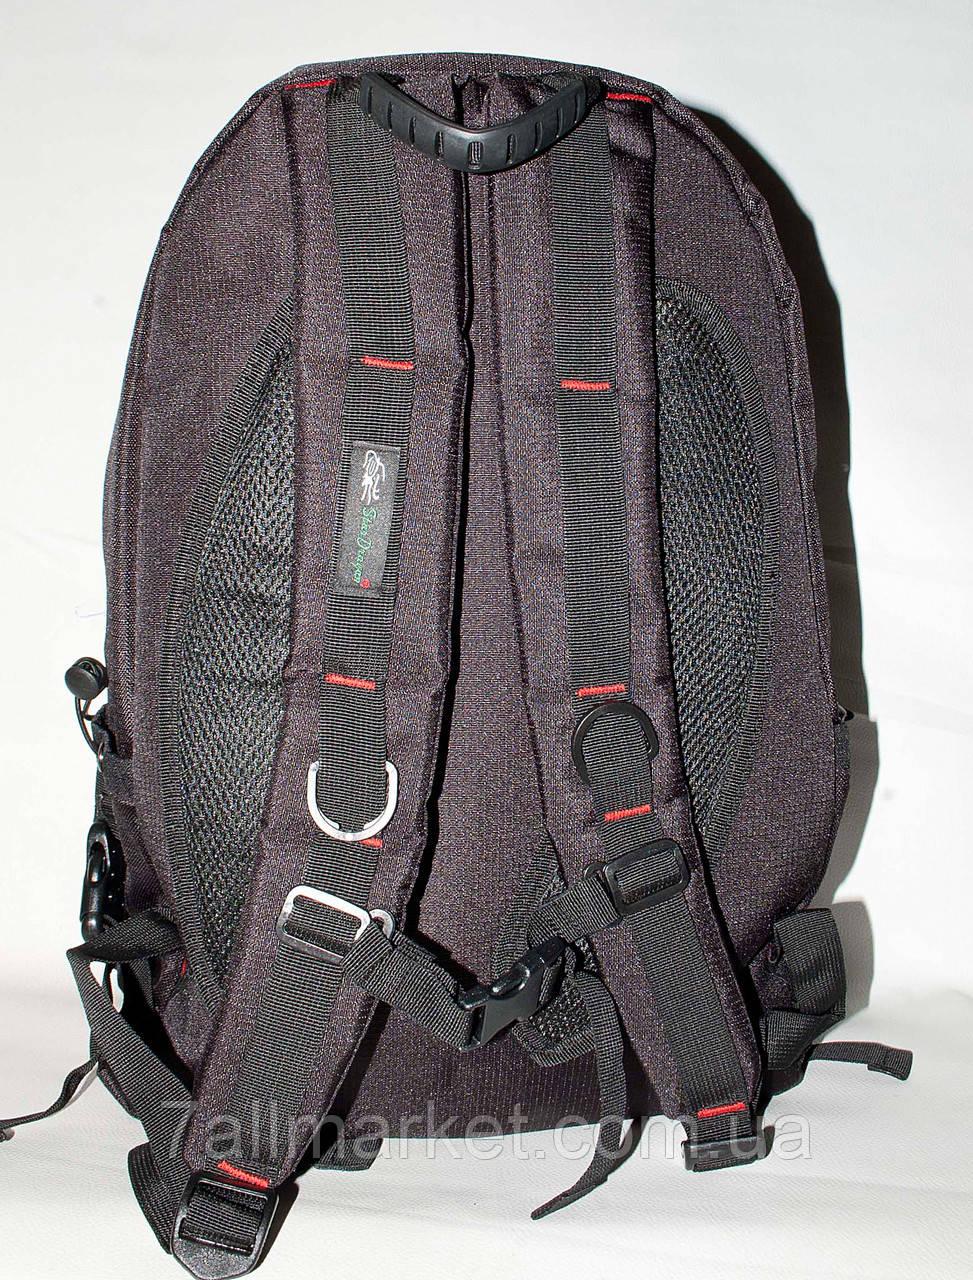 f3c5a6e1cfe0 ... Рюкзак мужской спортивный текстильный размер 30*50 Серии